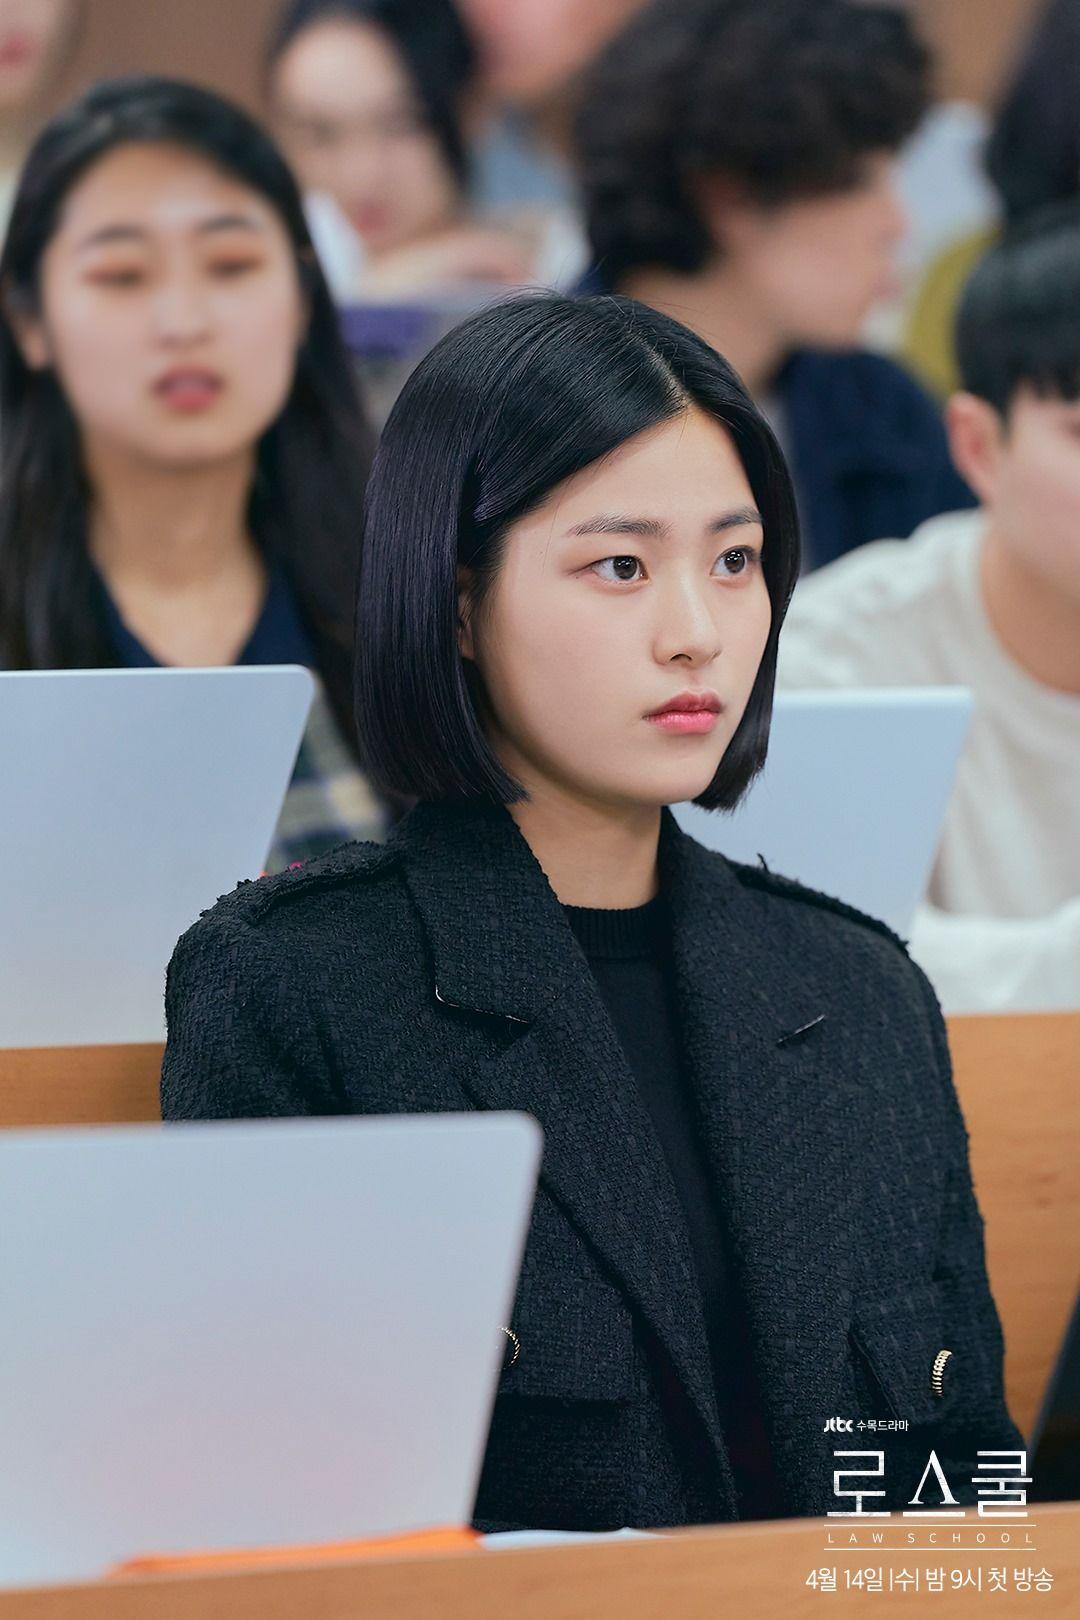 pemain Law School, Lee Soo Kyung